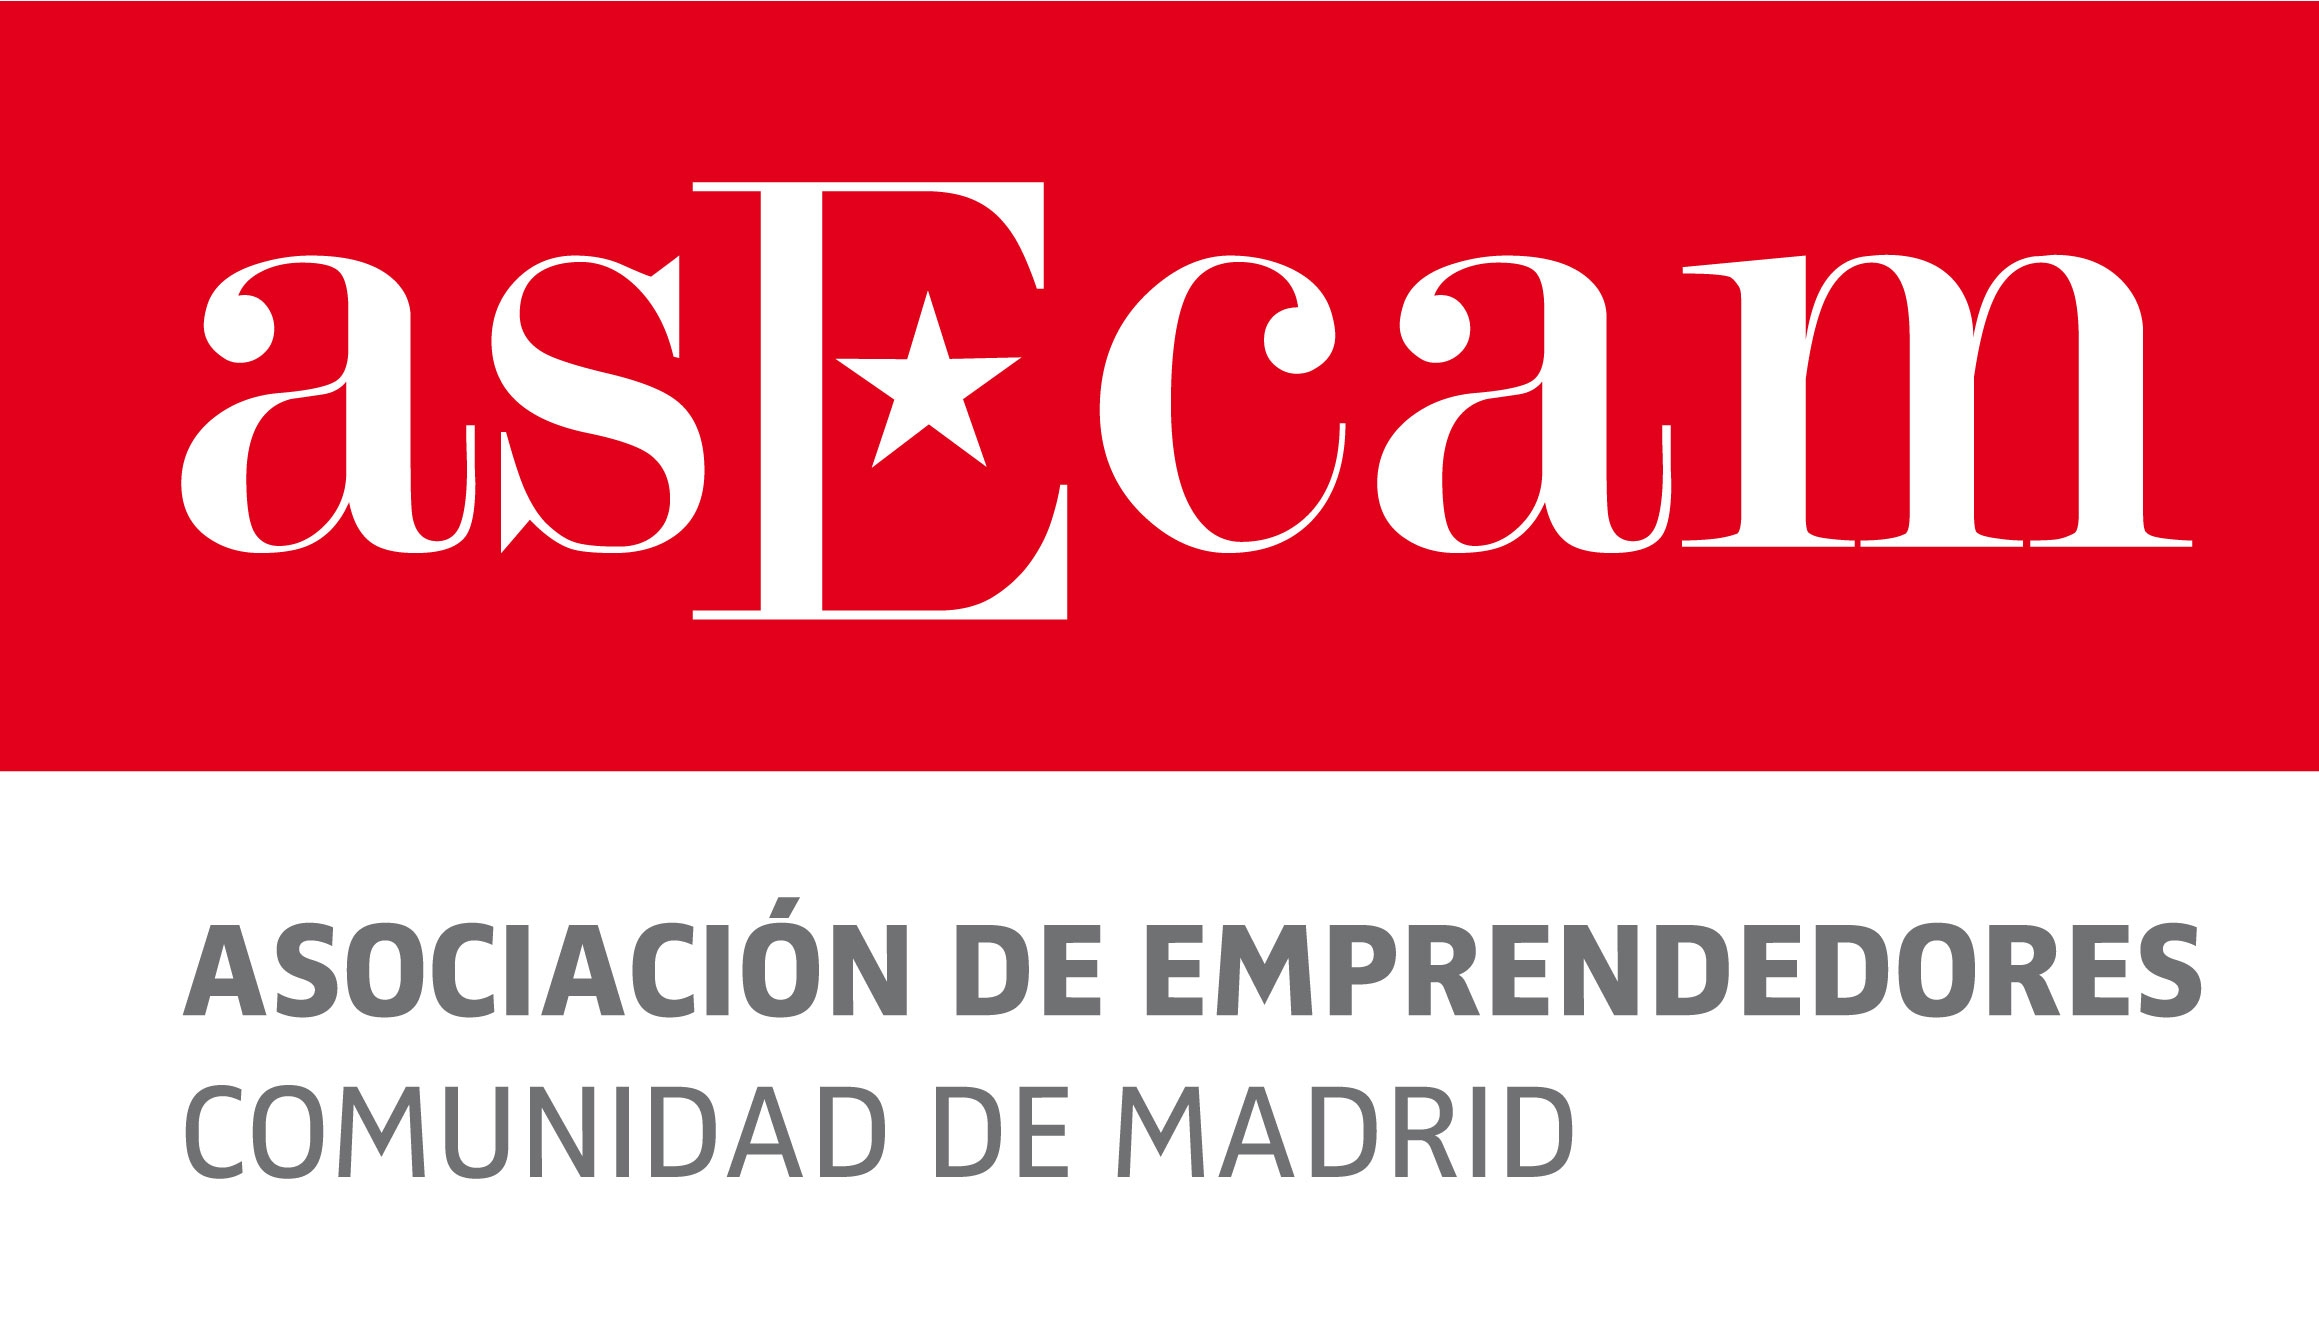 III Congreso de Emprendedores de Asecam, emprendedores y empresarios de Madrid